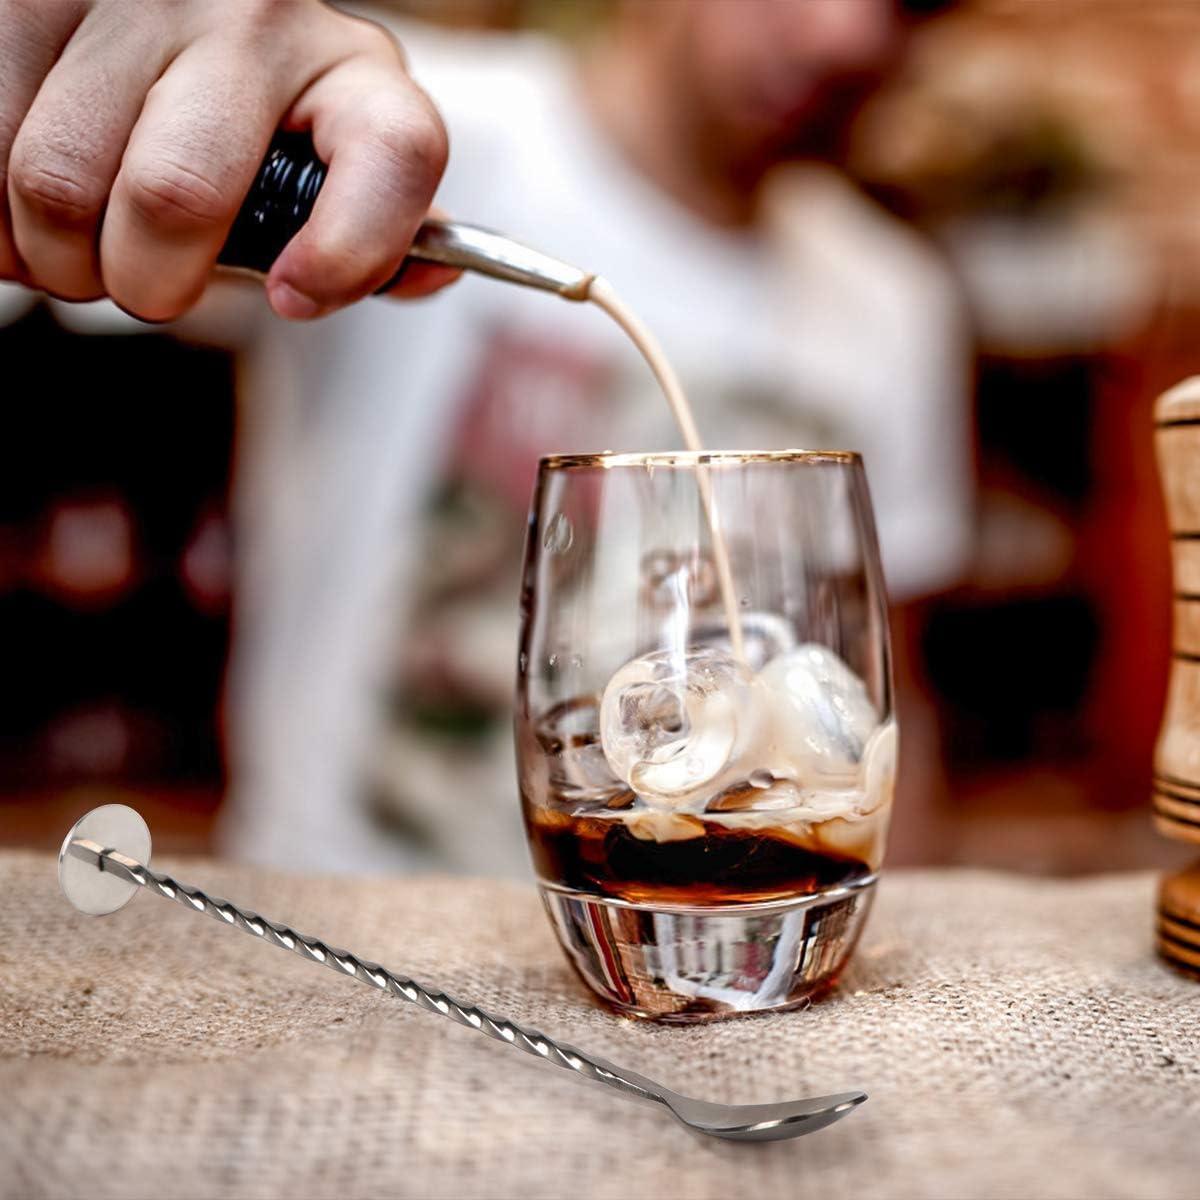 Philorn Coctelera Set de 5 Piezas 304 Acero Inoxidable Juego de Barras de Accesorios - Camareros Coctelera de 750ml Martini con Jigger de Medición, 2 ...